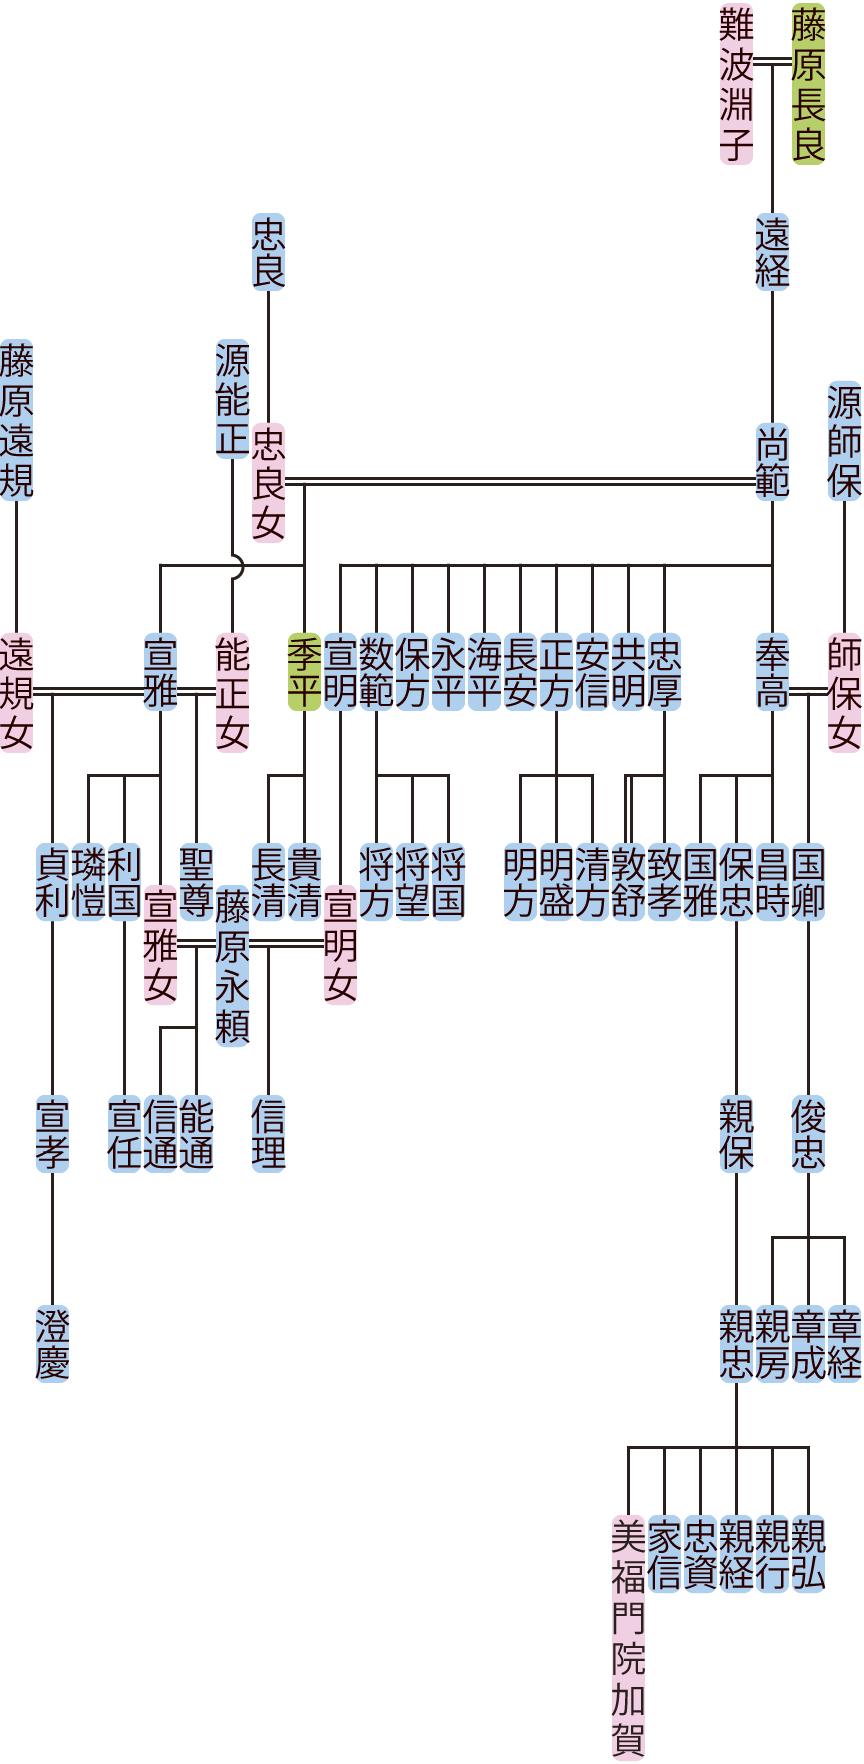 藤原尚範の系図